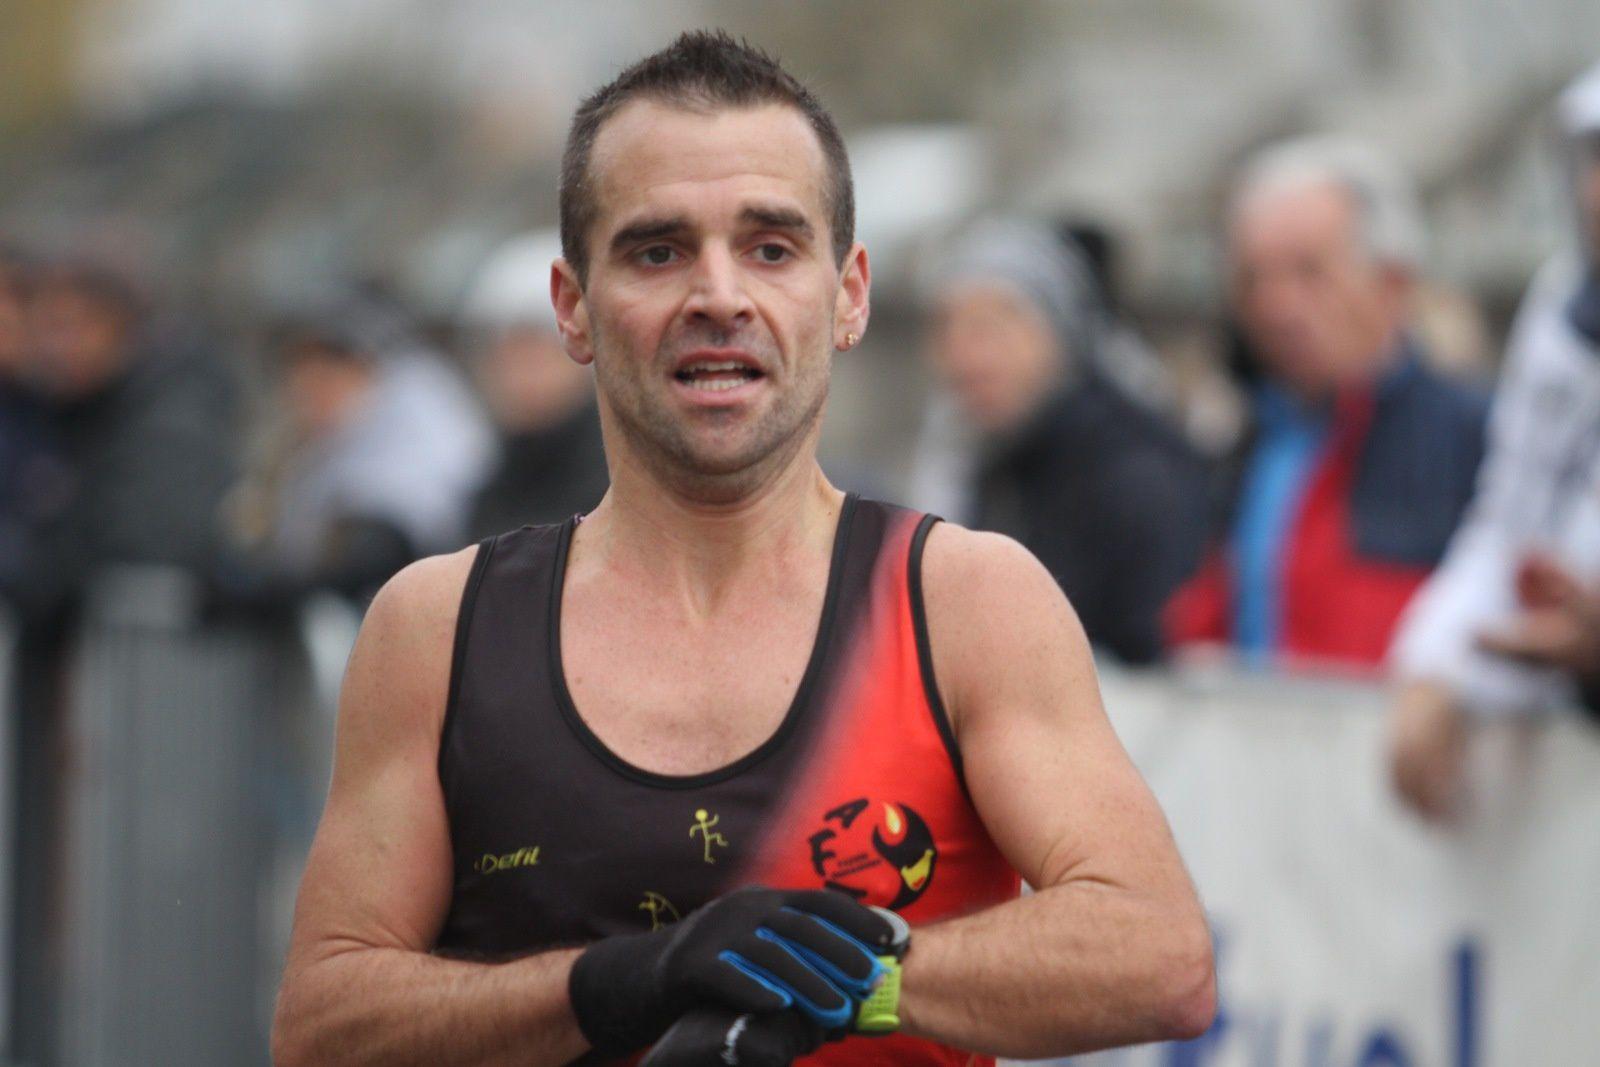 Laurent Leroi 15e lors du 21km de la Foulée Vénissiane